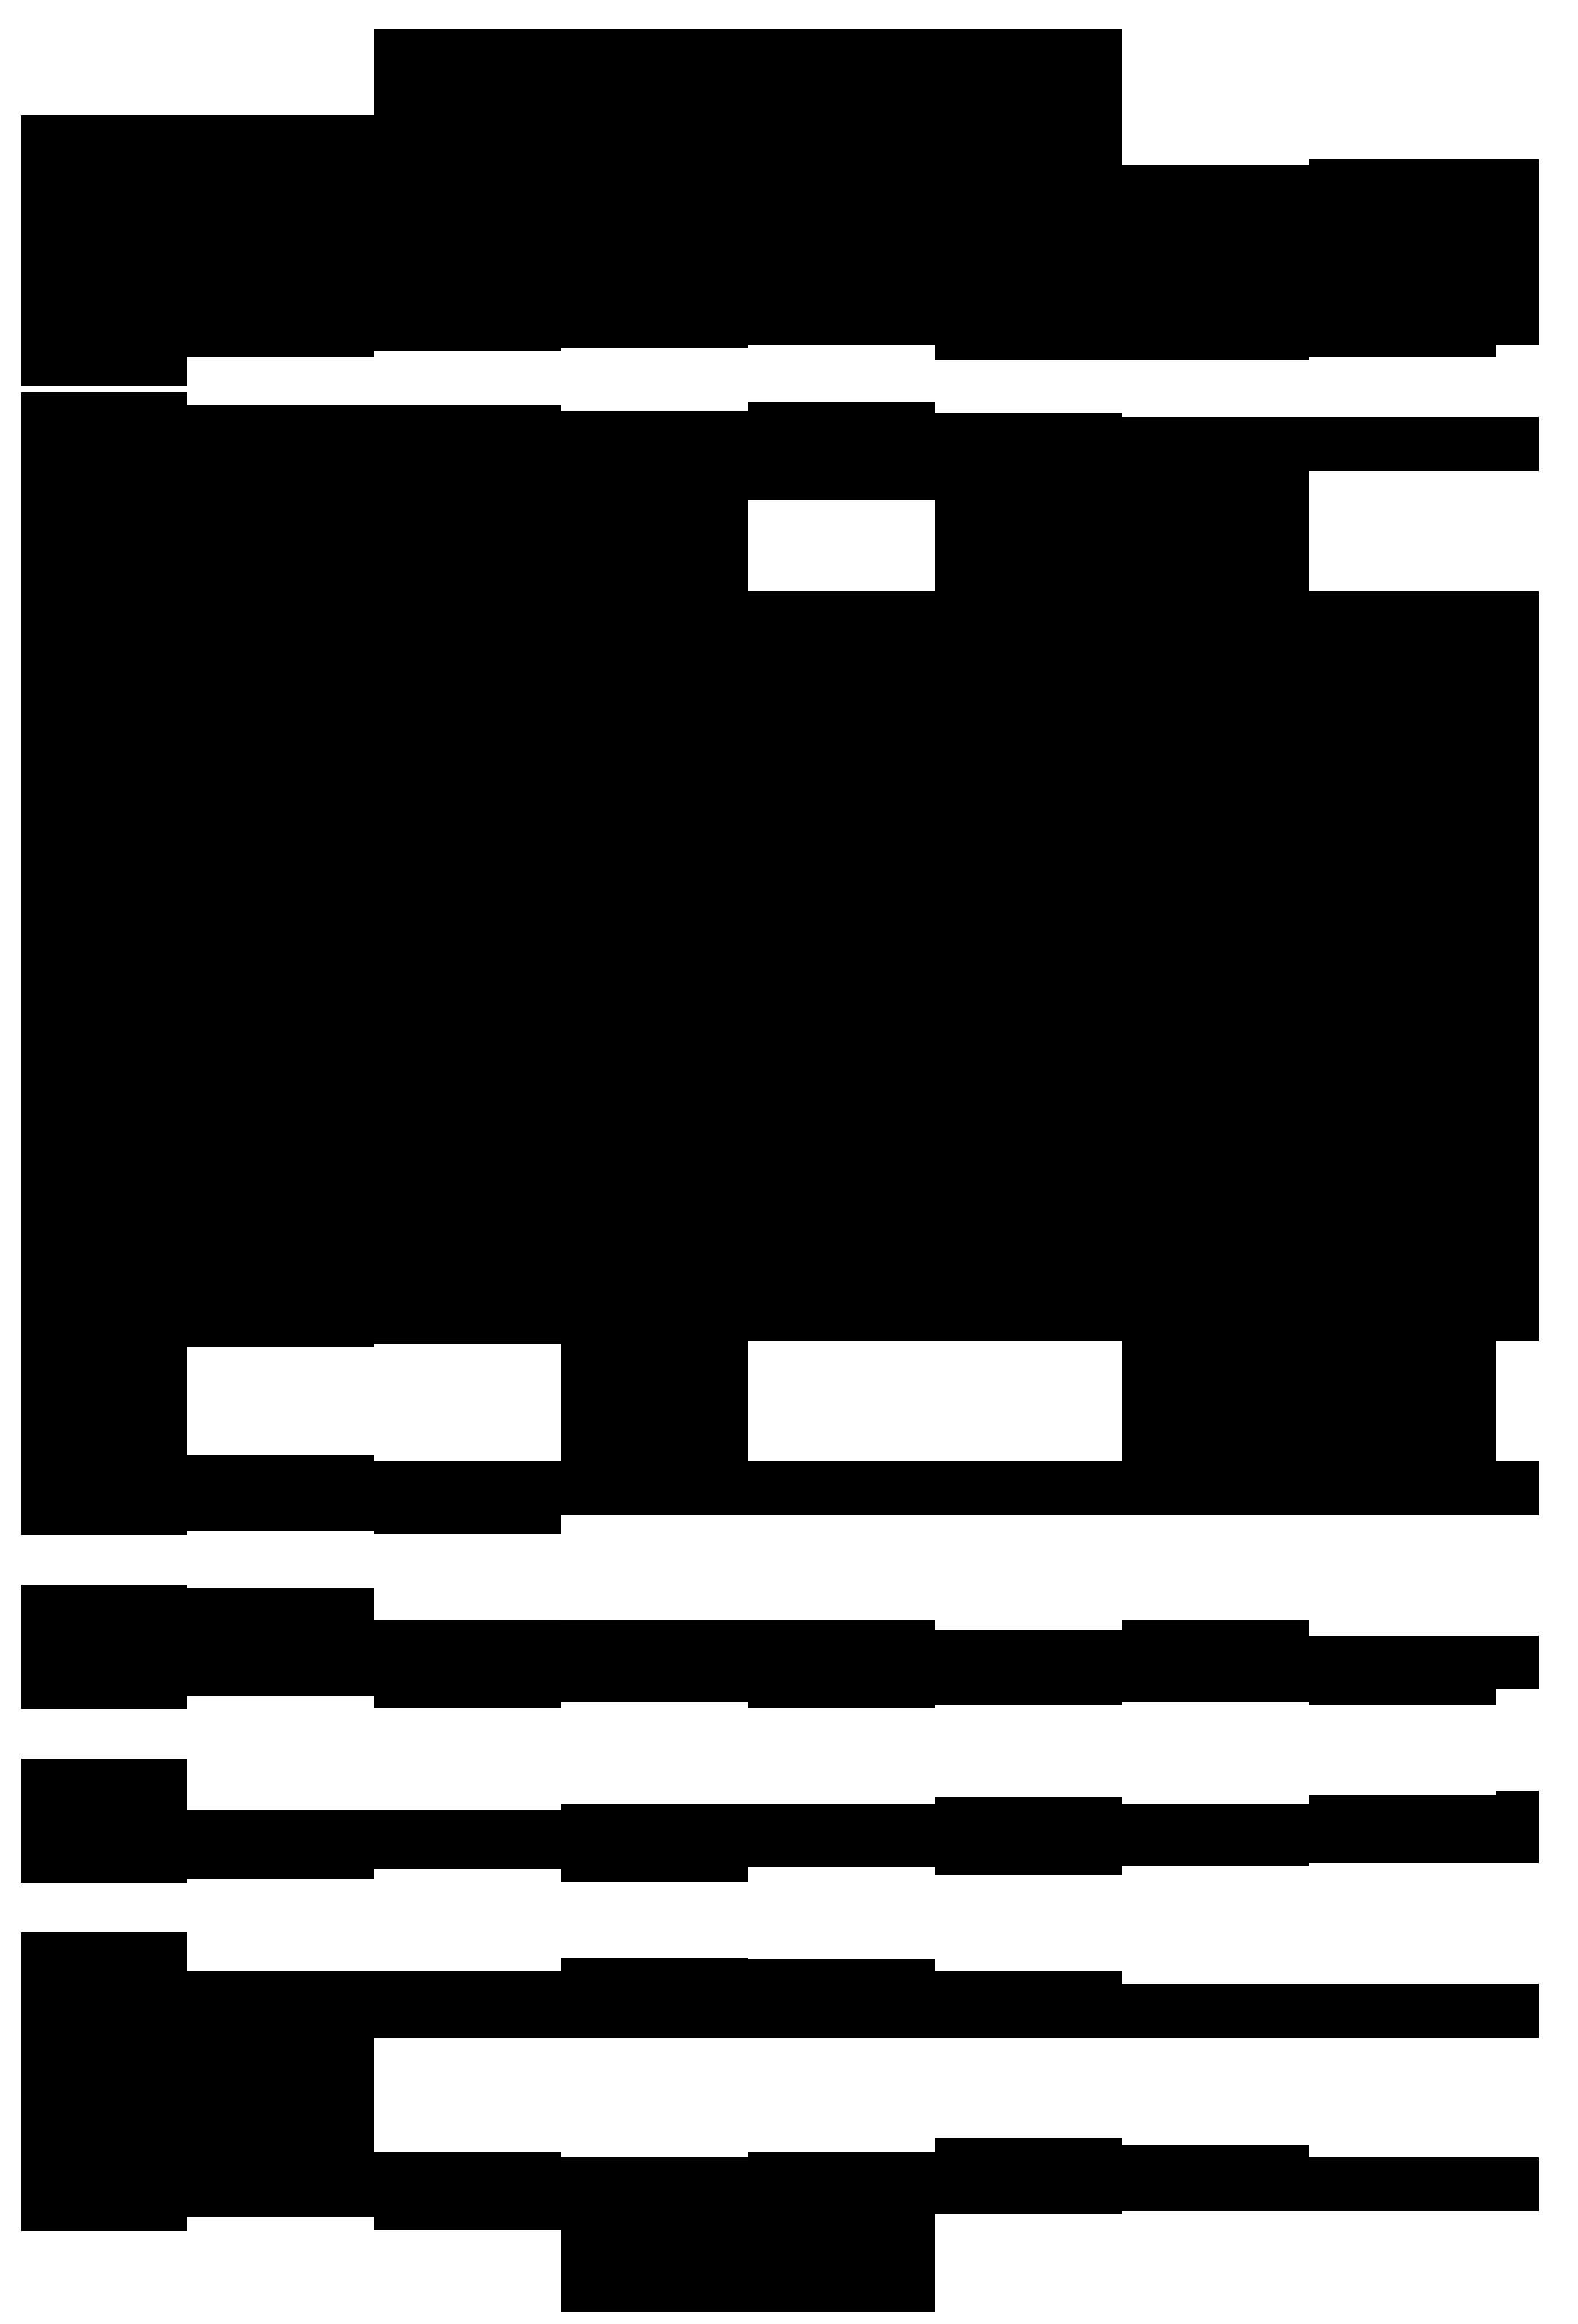 Enkla skalövningar 2 i E-dur